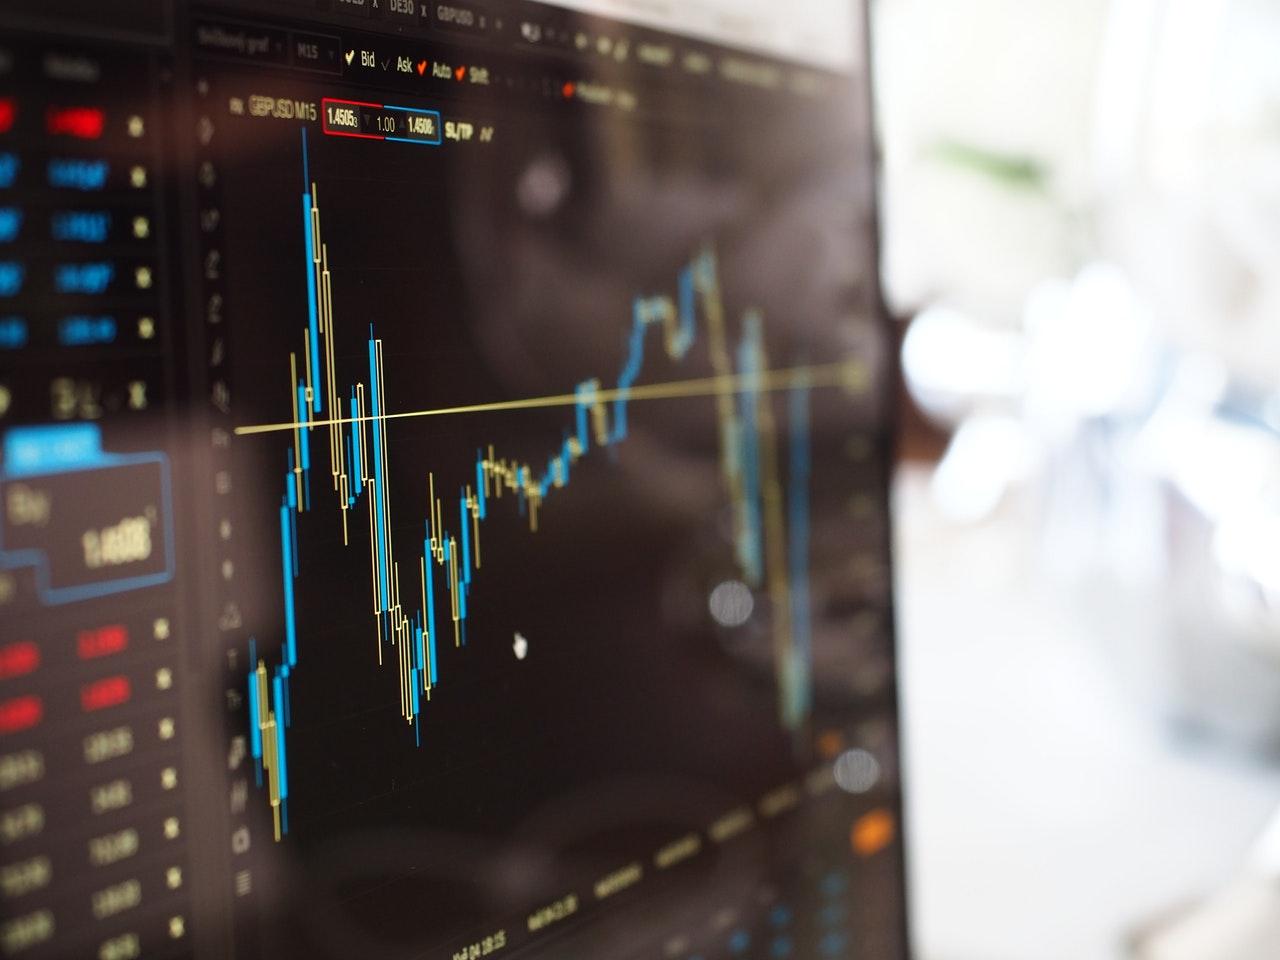 Ganhos, custos e riscos. Como funciona investir em ações?